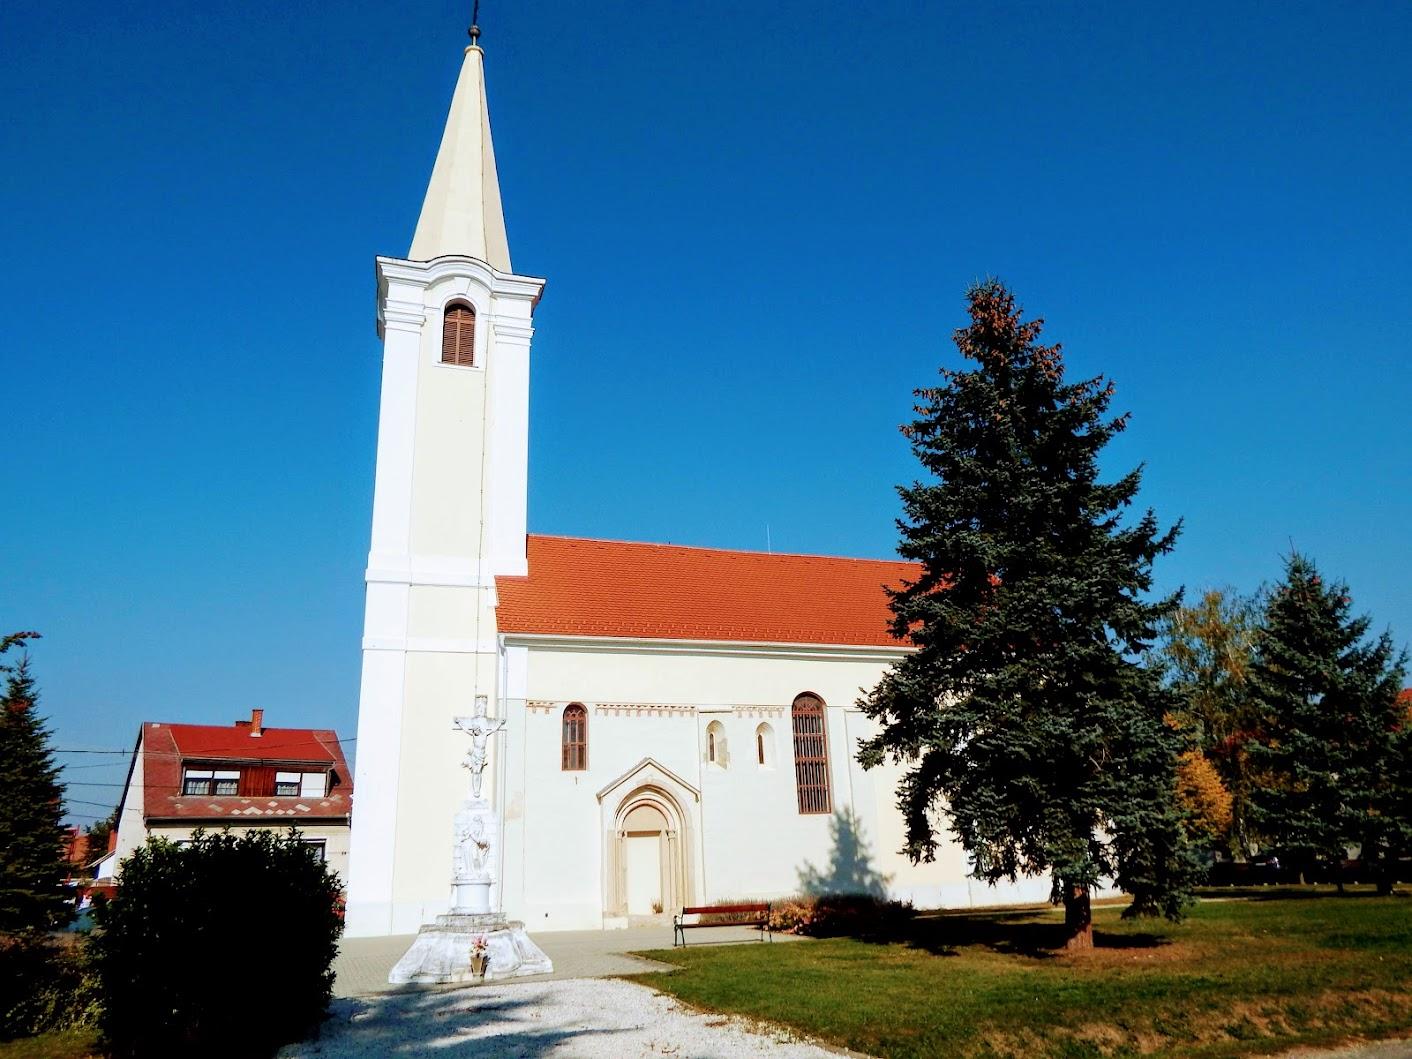 templom templom mellett